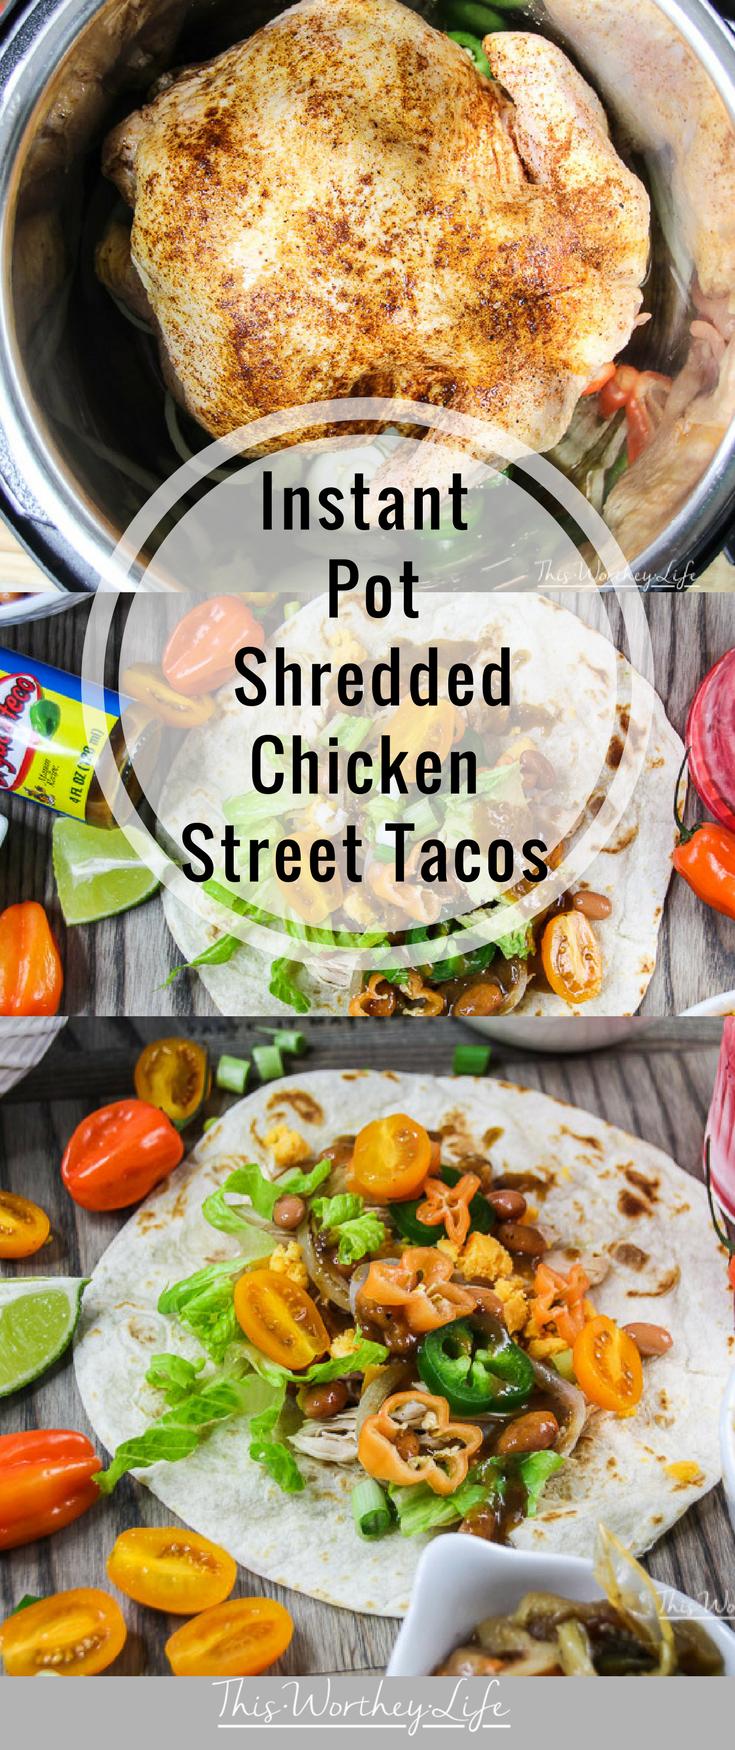 Instant Pot Shredded Chicken Street Tacos #shreddedchickentacos